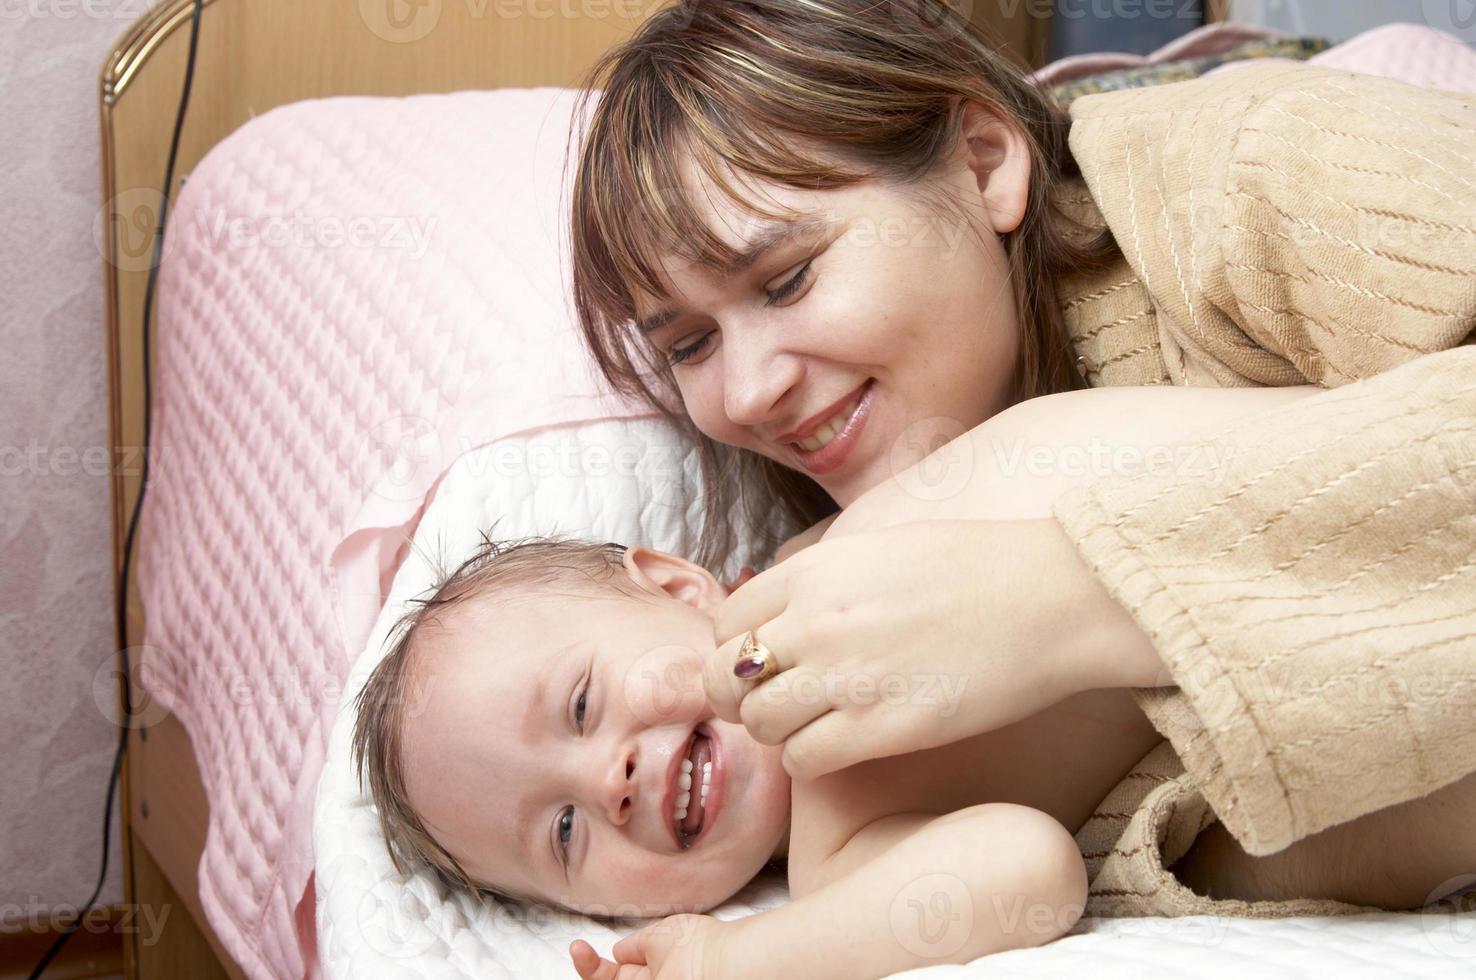 la madre gioca con il bambino foto